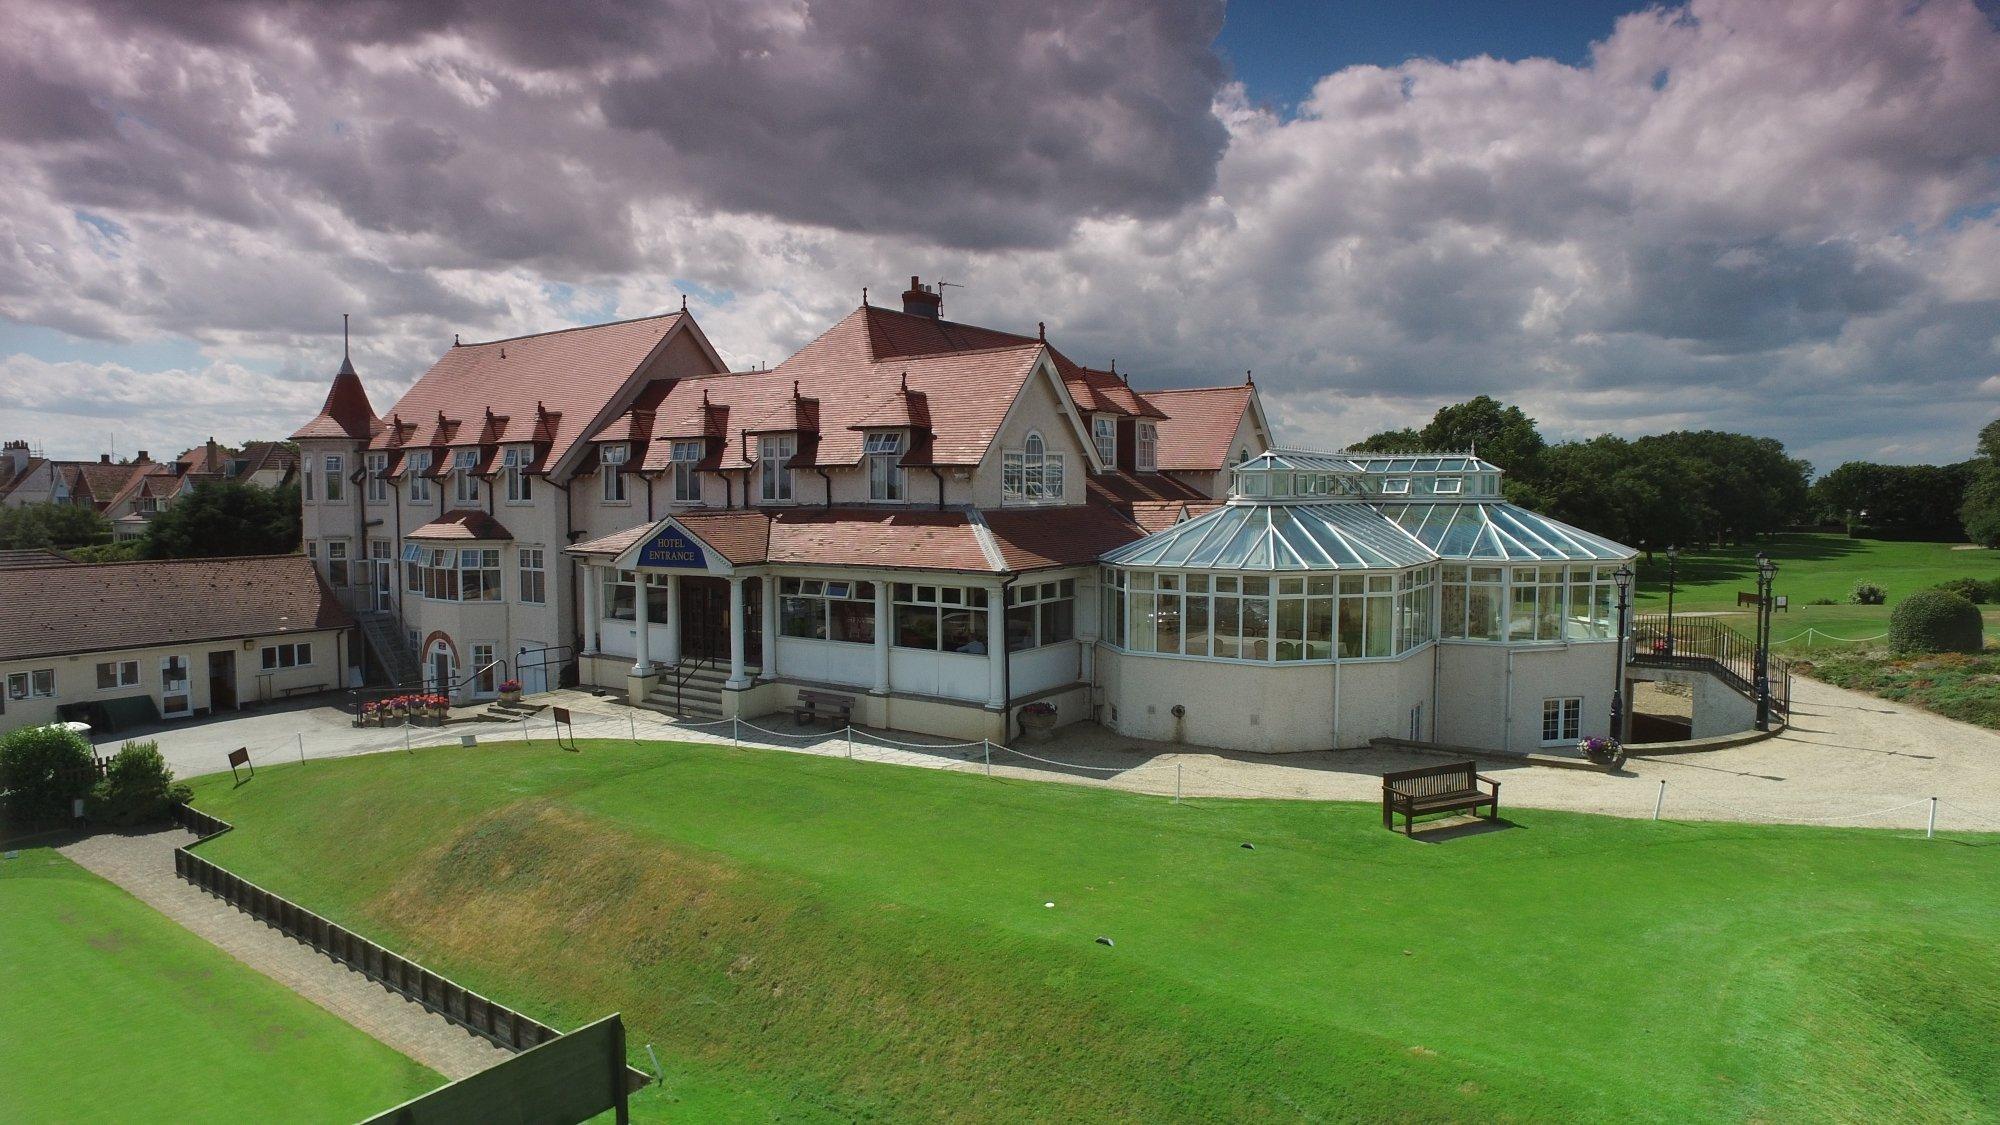 ベストウェスタン ノースショーア ホテル & ゴルフ クラブ